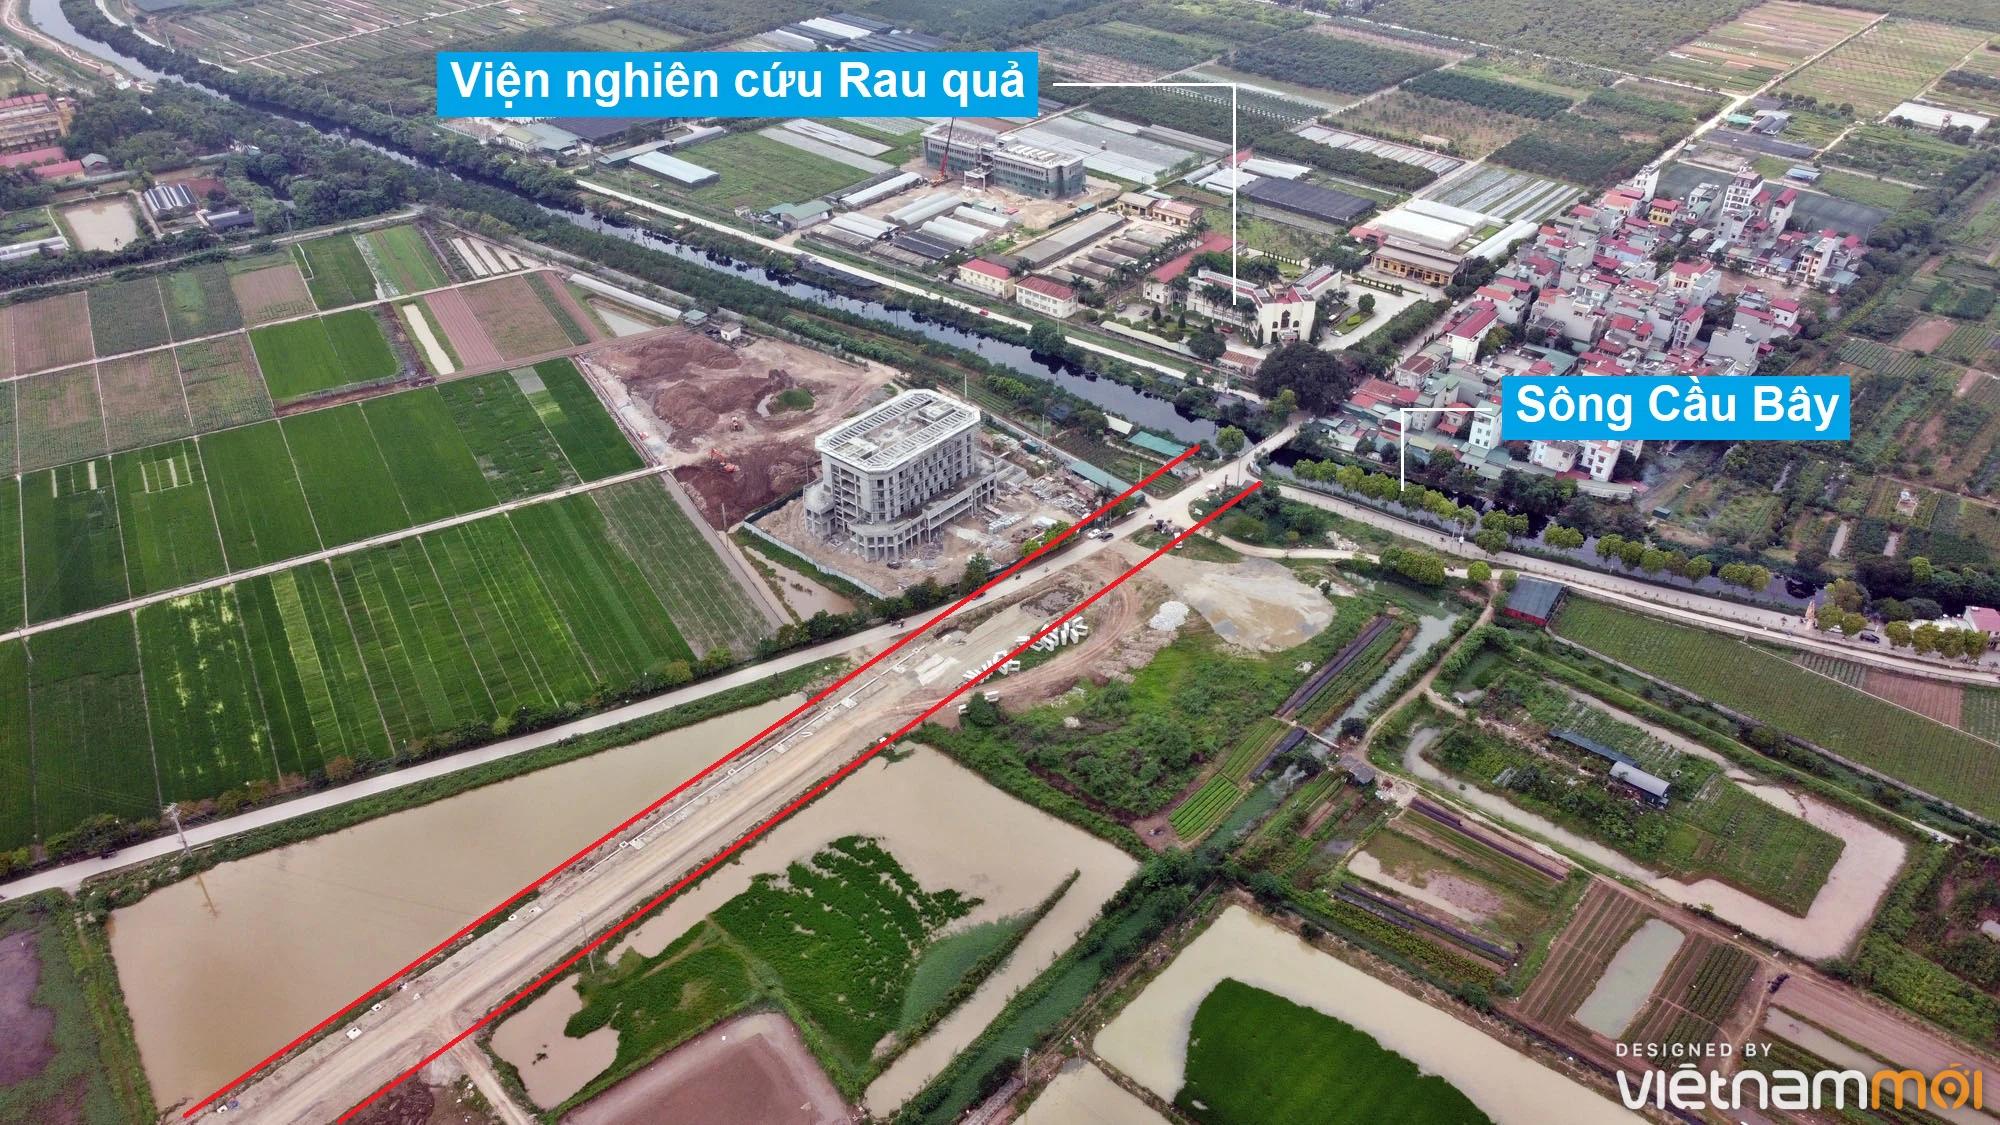 Toàn cảnh đường từ Kiêu Kỵ đến sông Cầu Bây qua Vinhomes Ocean Park đang mở theo quy hoạch ở Hà Nội - Ảnh 15.